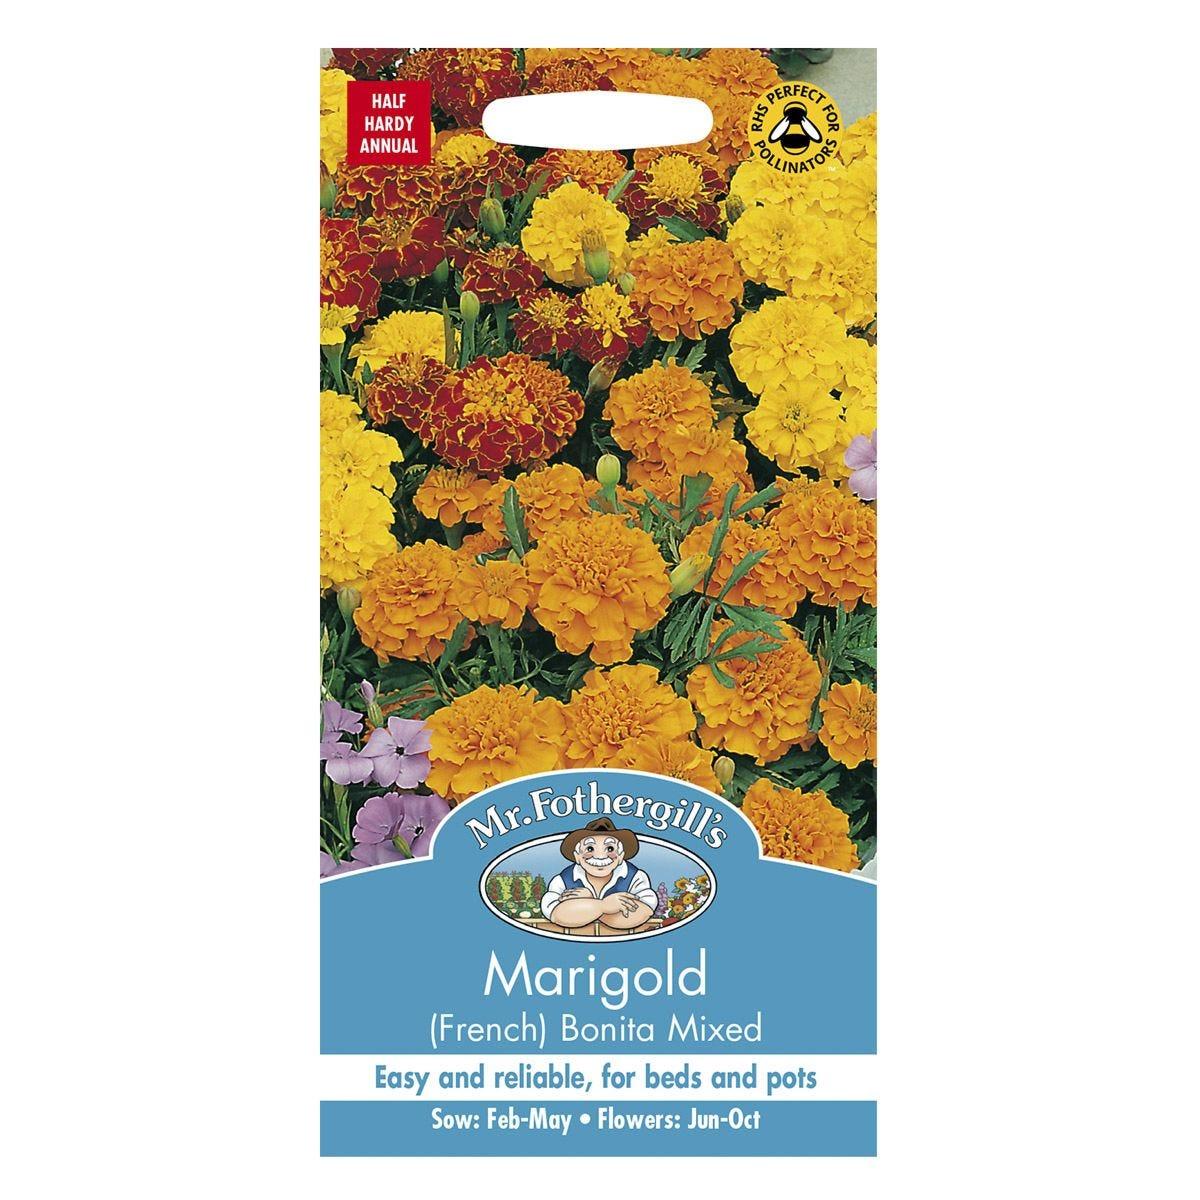 Mr Fothergill's Marigold (French) Bonita Mixed Seeds